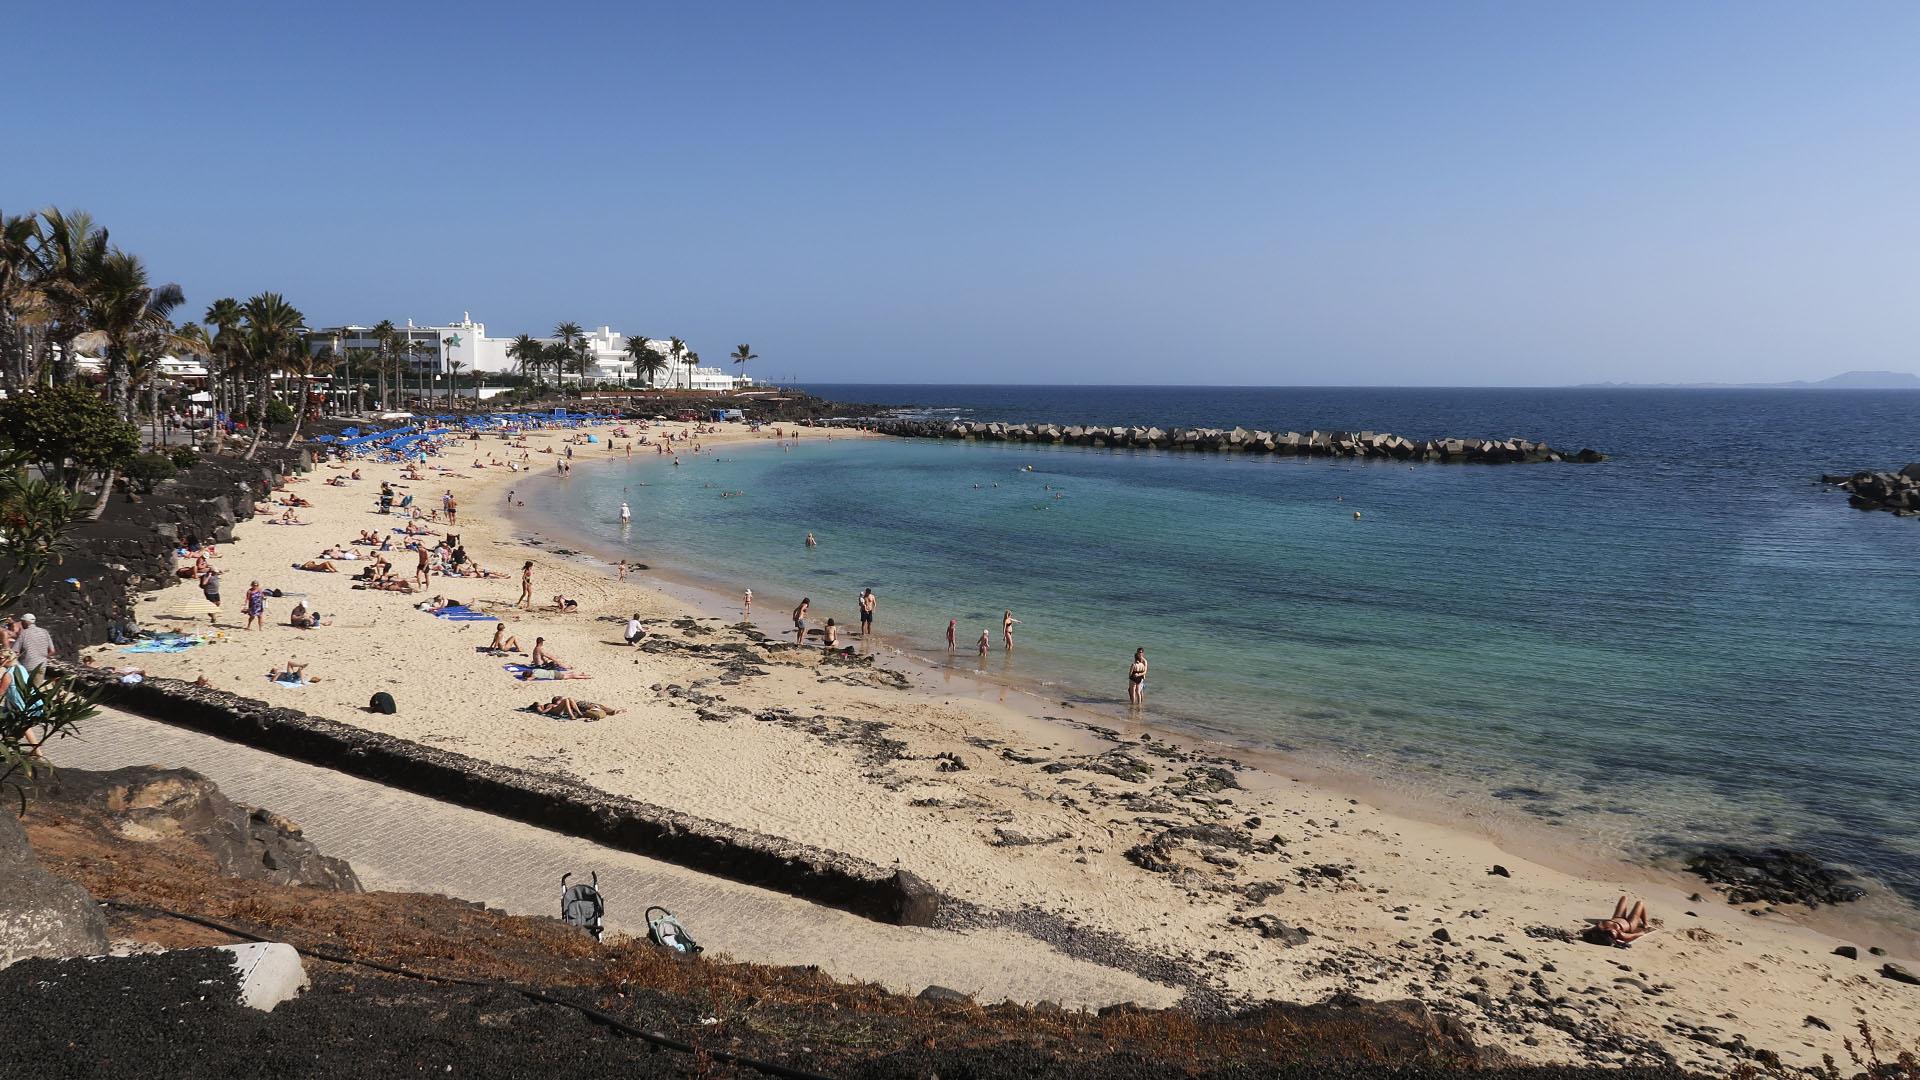 Playa Flamingo mit seiner künstlichen Badebucht direkt am Paseo von Playa Blanca Lanzarote.